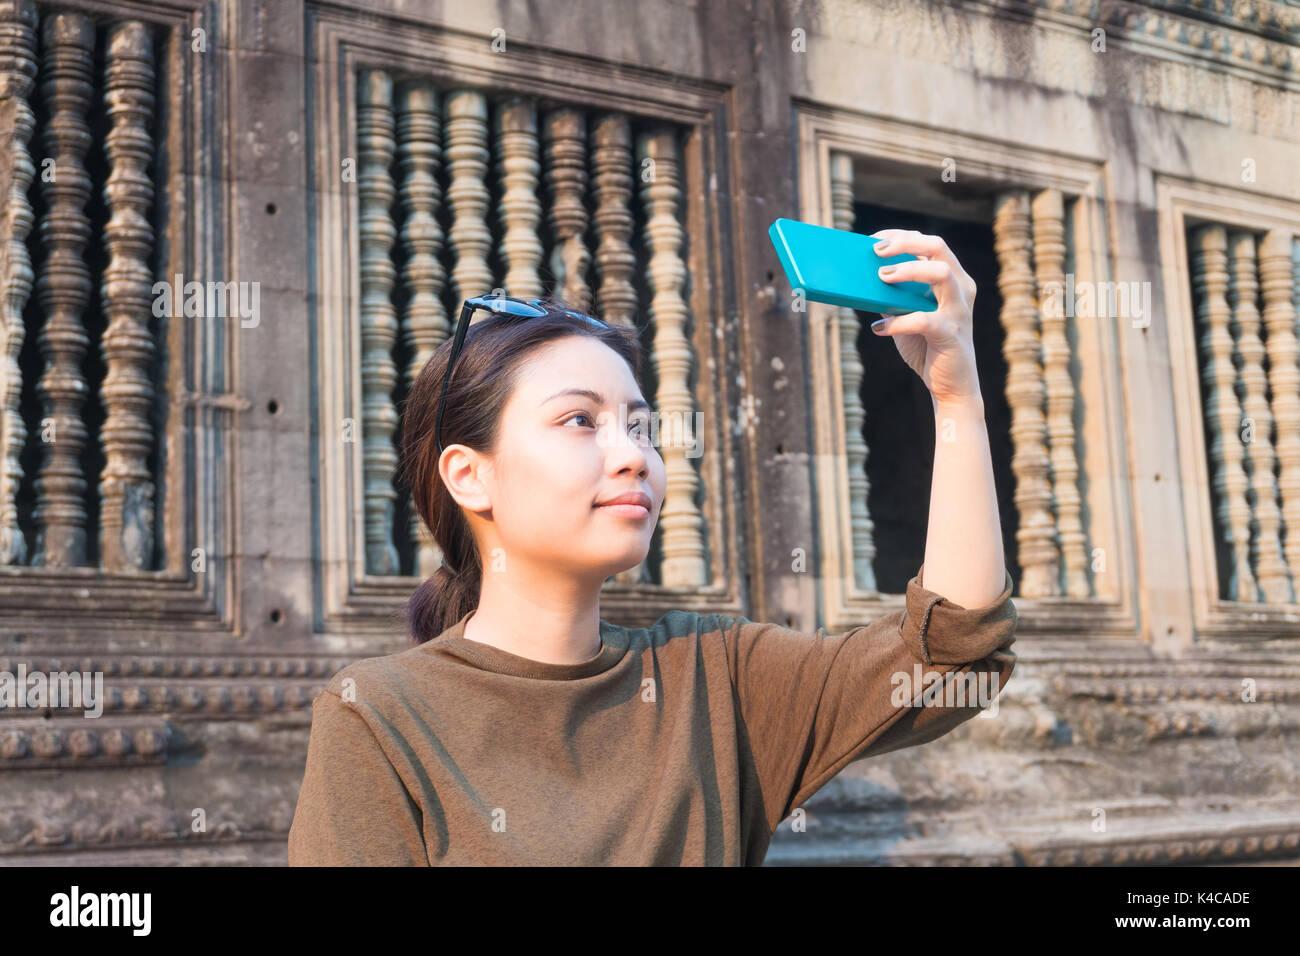 Femmina selfie viaggiatori con il suo smartphone in Angkor Wat siem reap Cambogia Immagini Stock